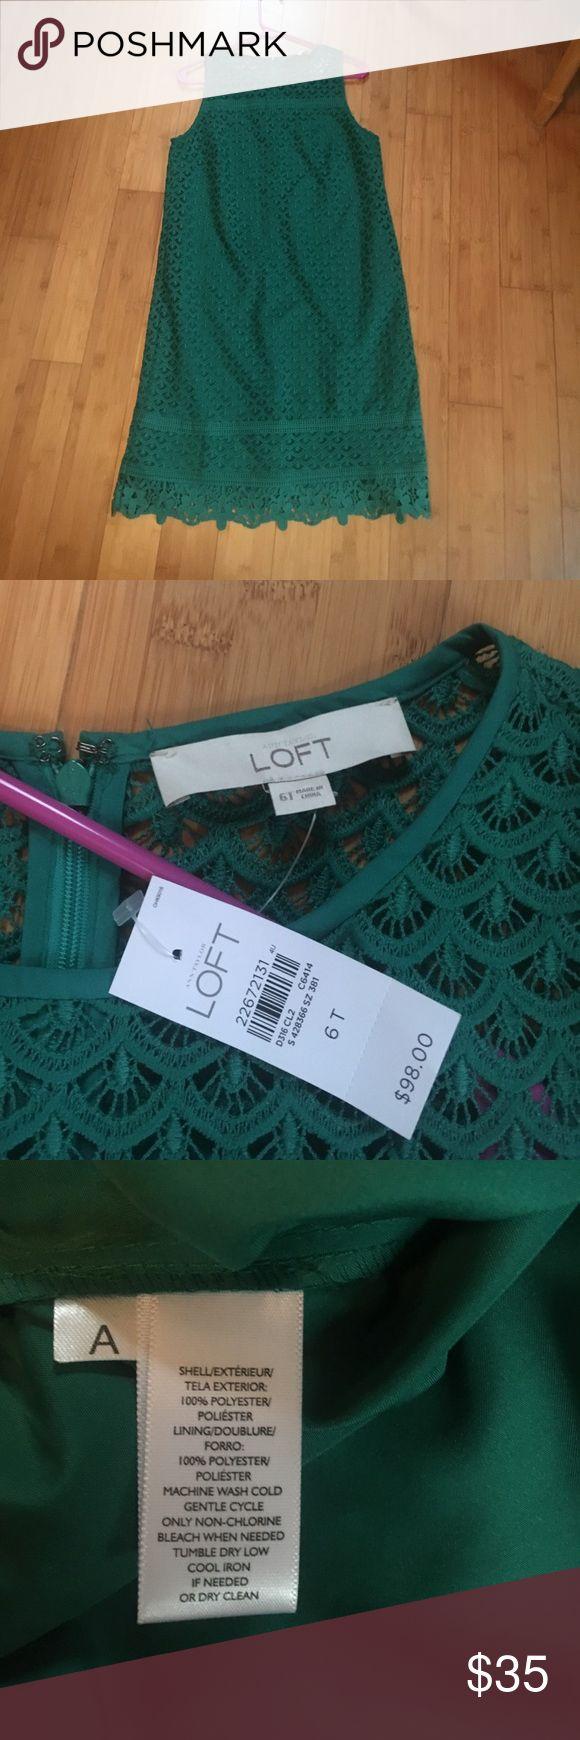 New with tags Loft Dress Size 6 Tall LOFT Dresses